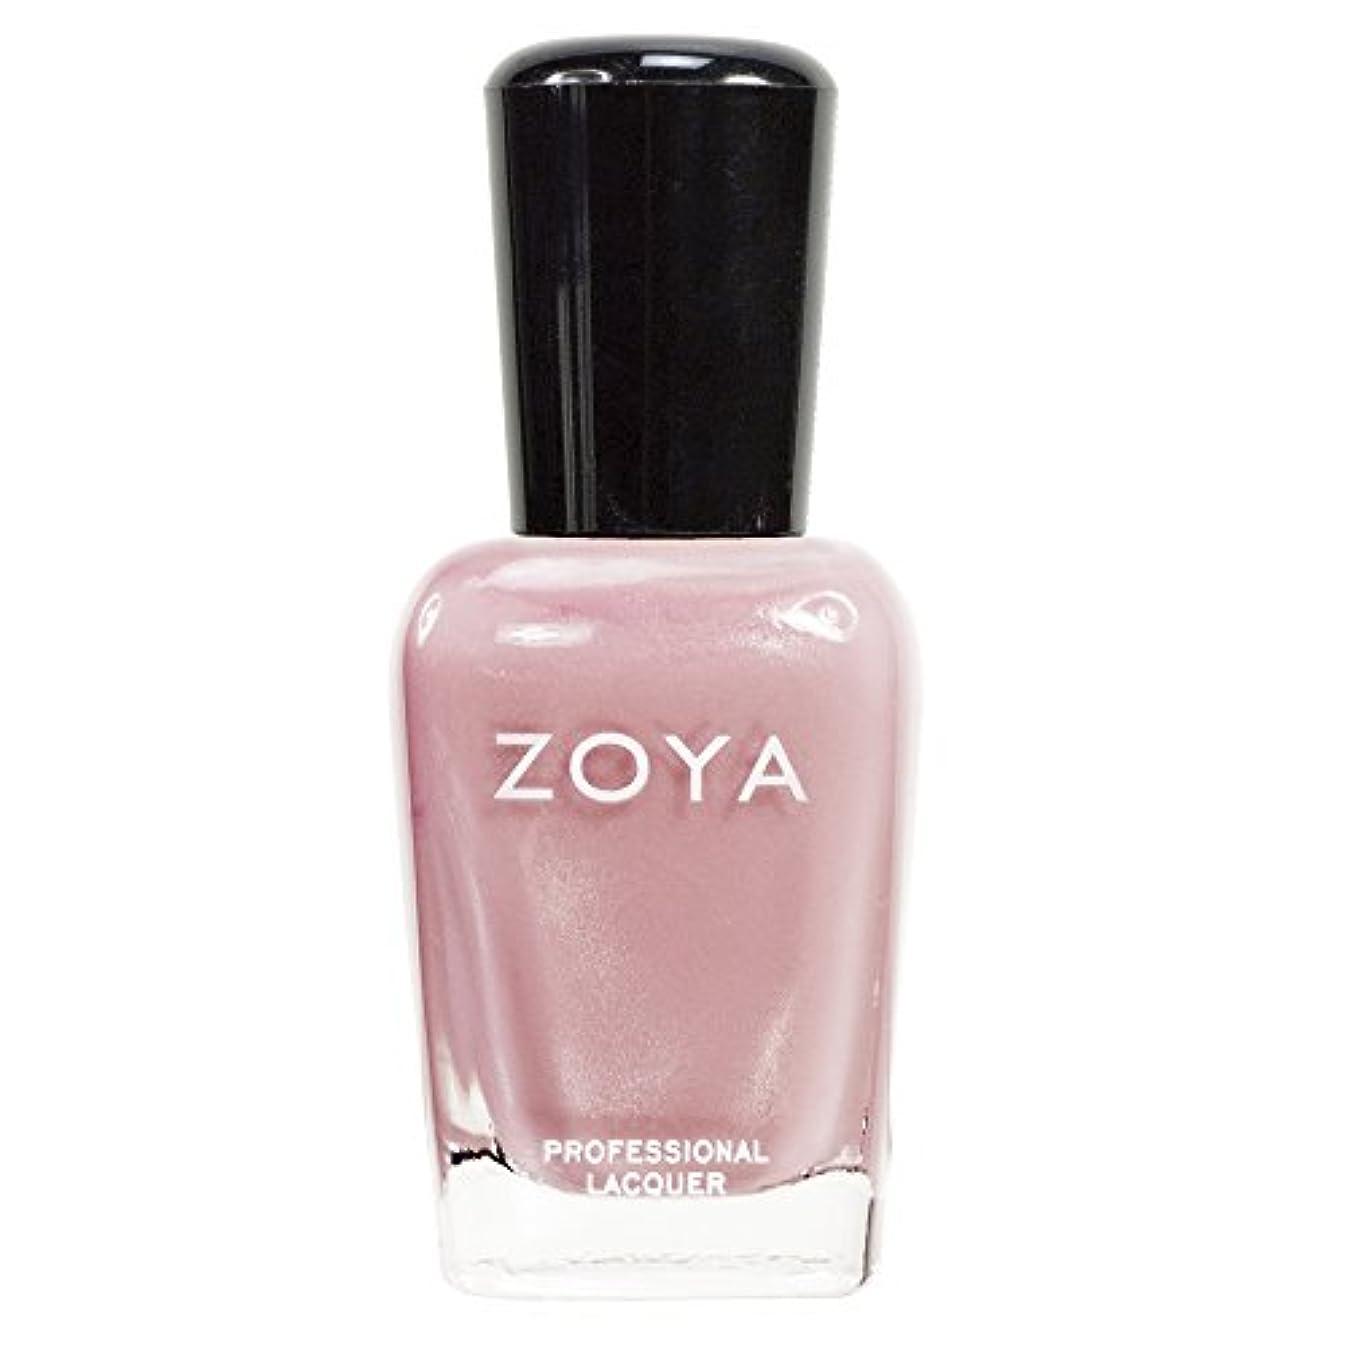 オーブン平和なプールZOYA ゾーヤ ネイルカラーZP351 SALLY サリー 15ml ほんのり色づくピンク シアー?パール/メタリック 爪にやさしいネイルラッカーマニキュア